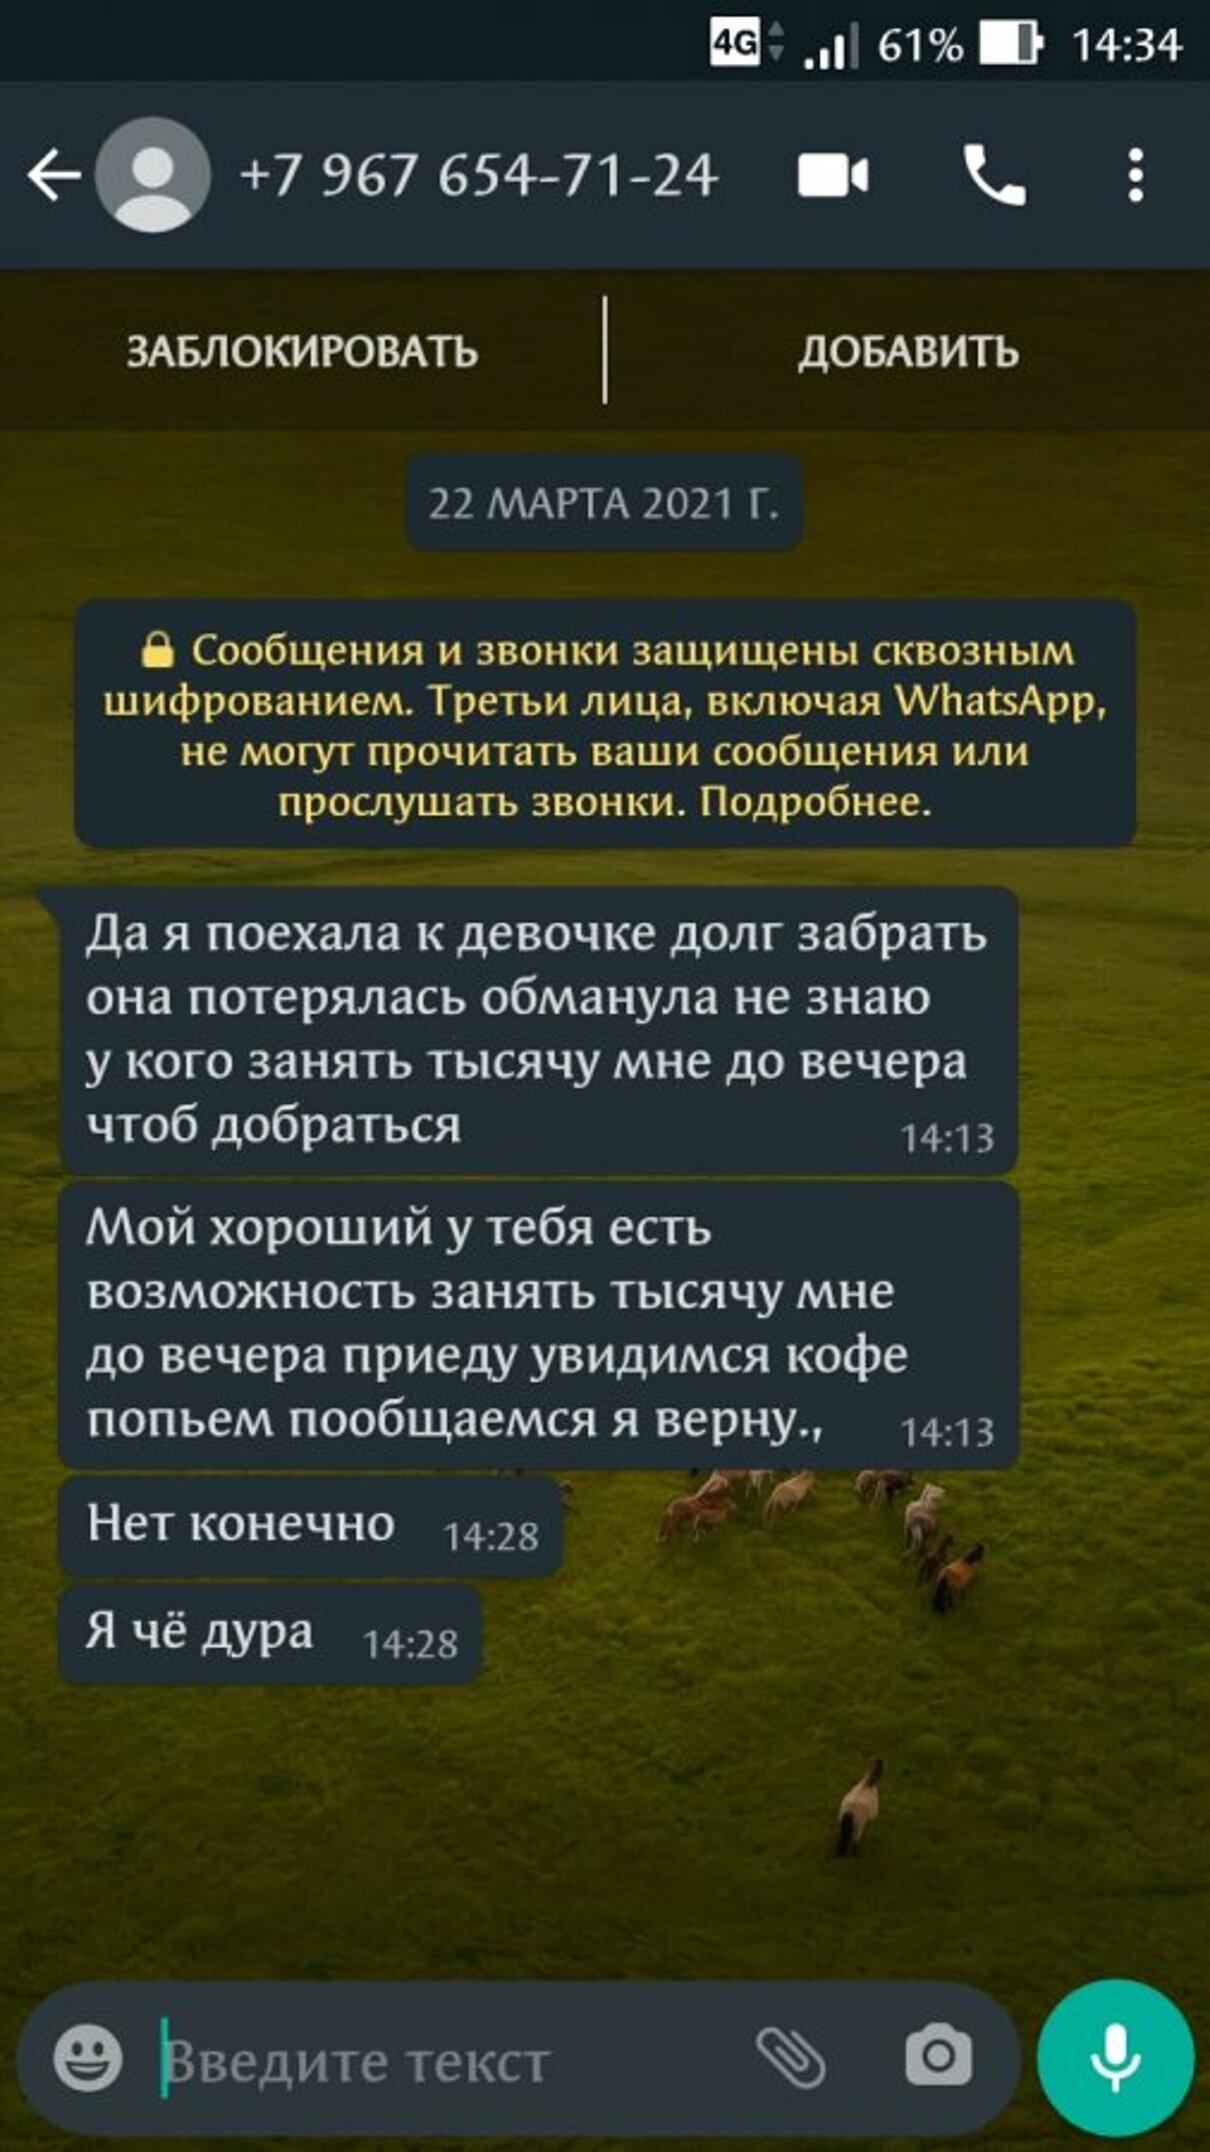 Жалоба-отзыв: ДРУГ ВОКРУГ - Девушка Мошенница номер +79676547124